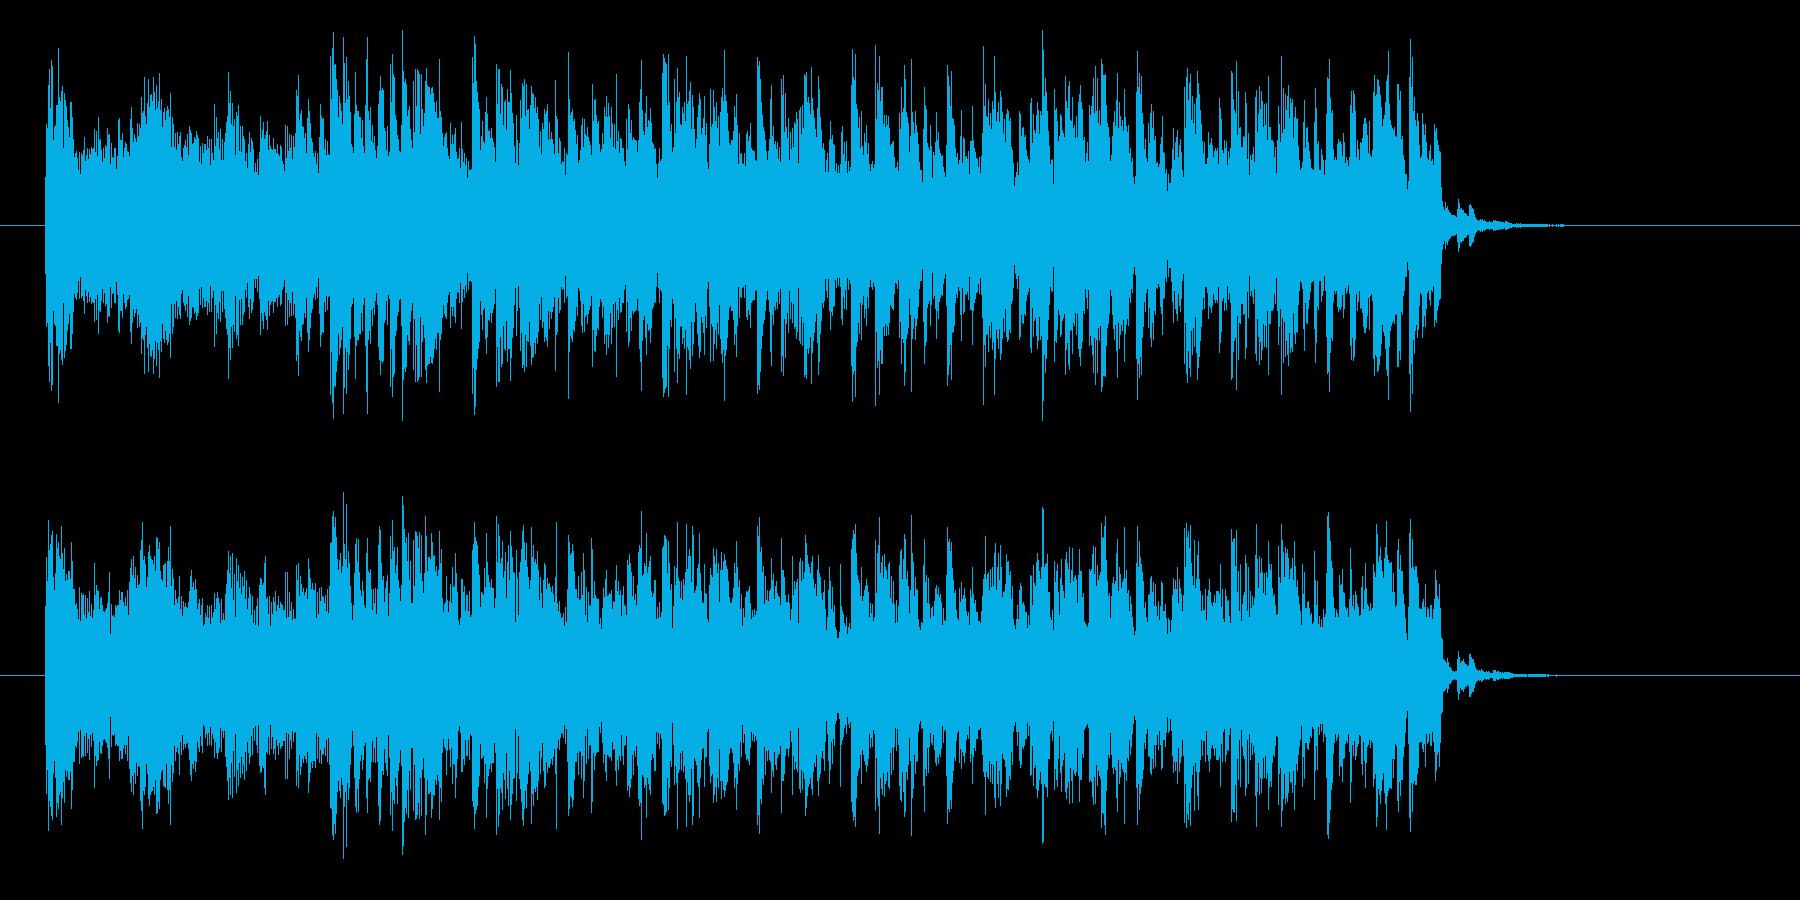 エキサイティングでクールなビートジングルの再生済みの波形